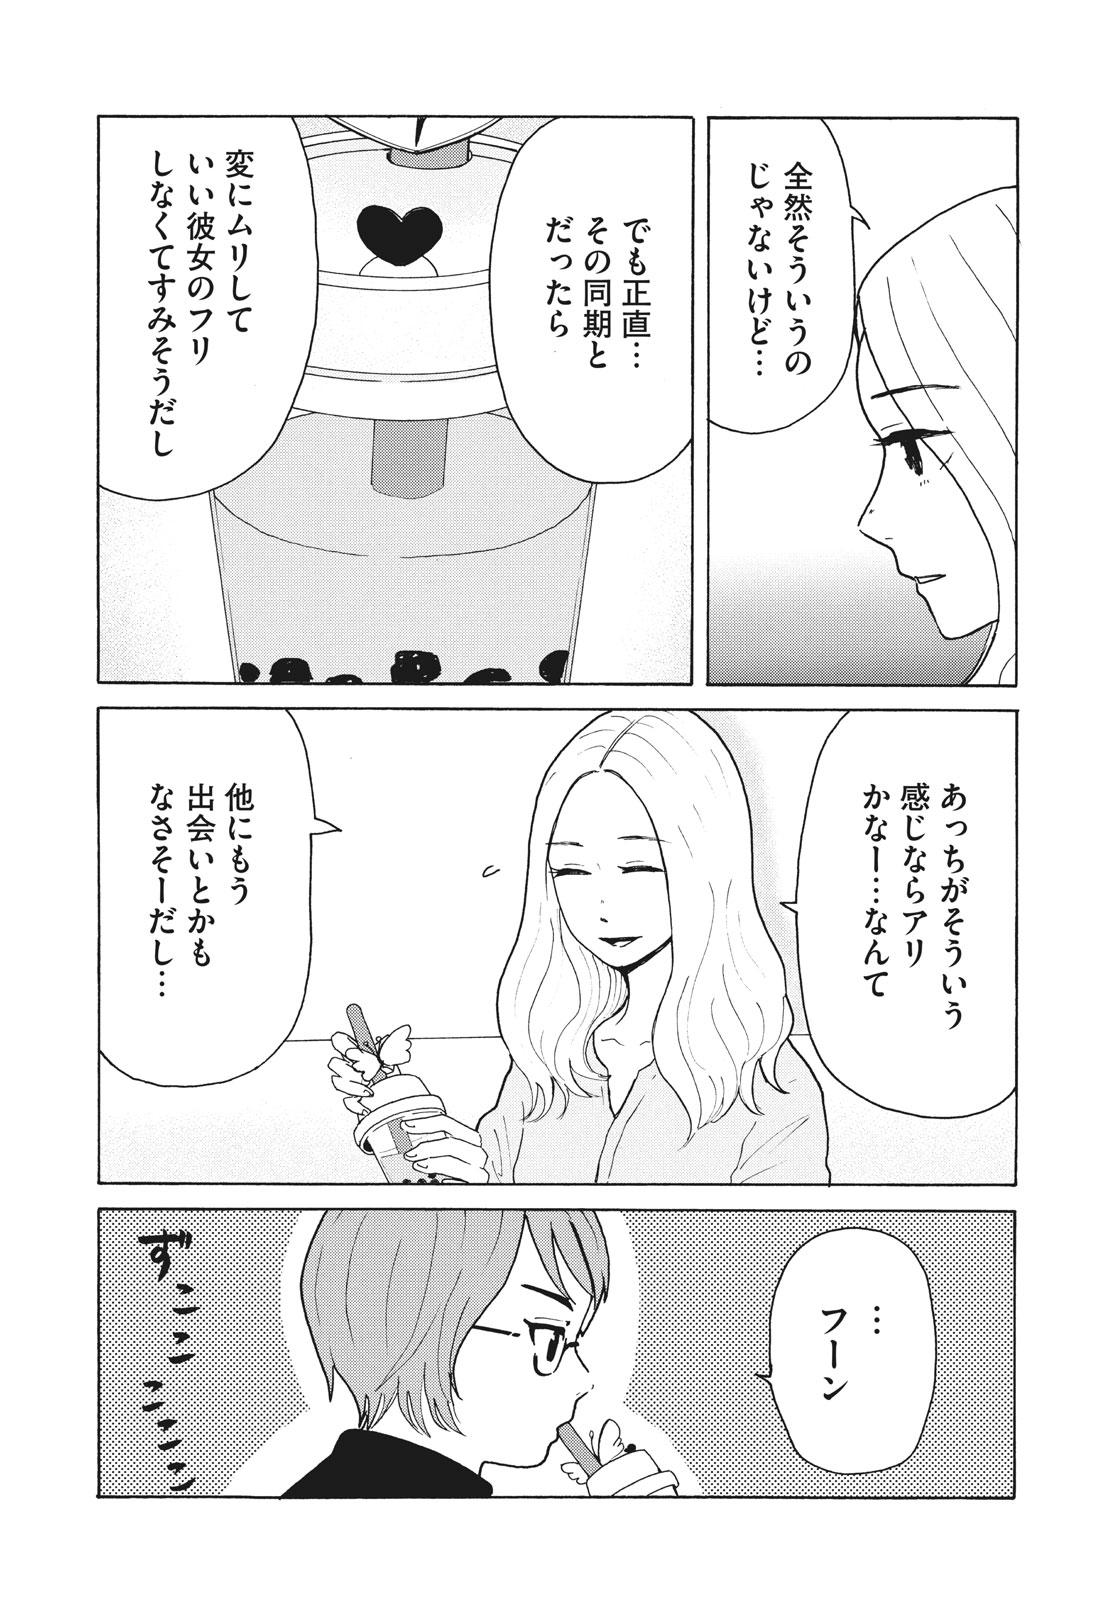 004_30日_2020_011_E.jpg